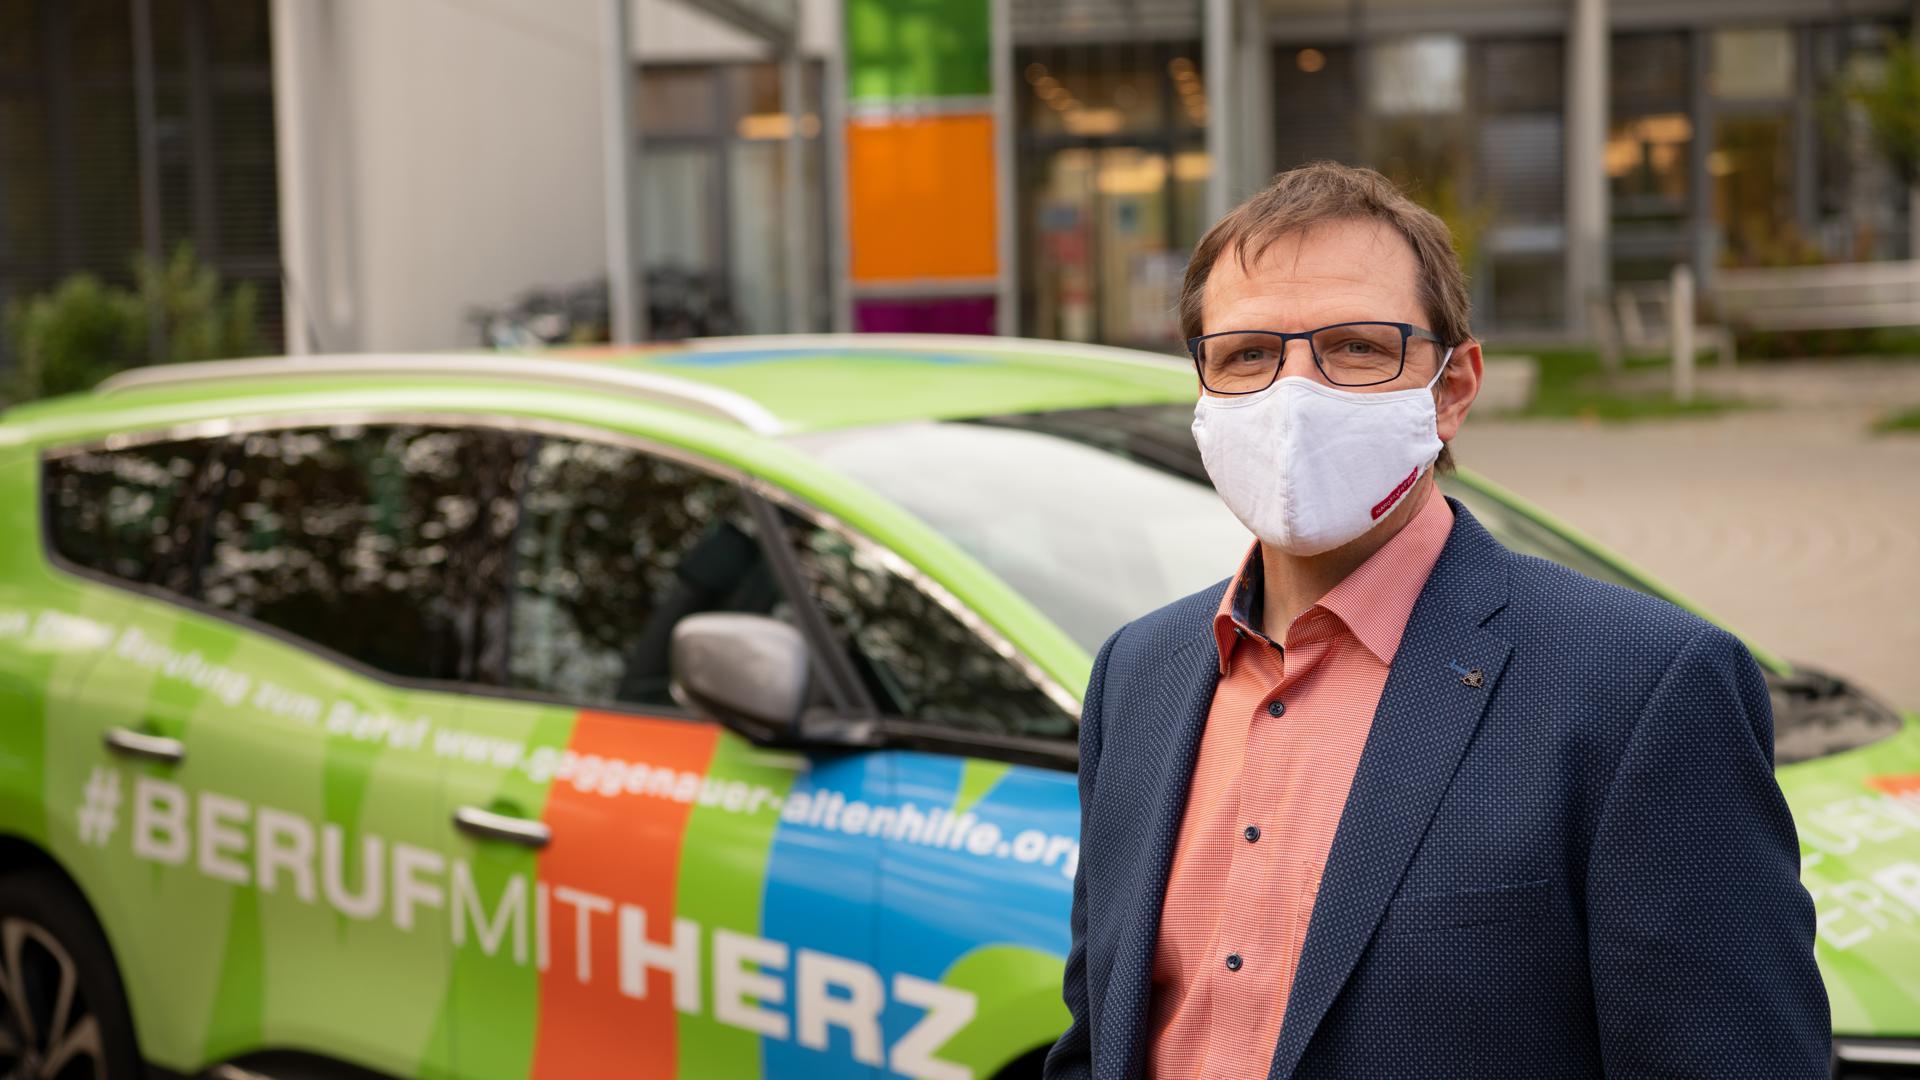 """Mann mit Maske vor Auto mit Aufschrift """"Beruf mit Herz"""""""